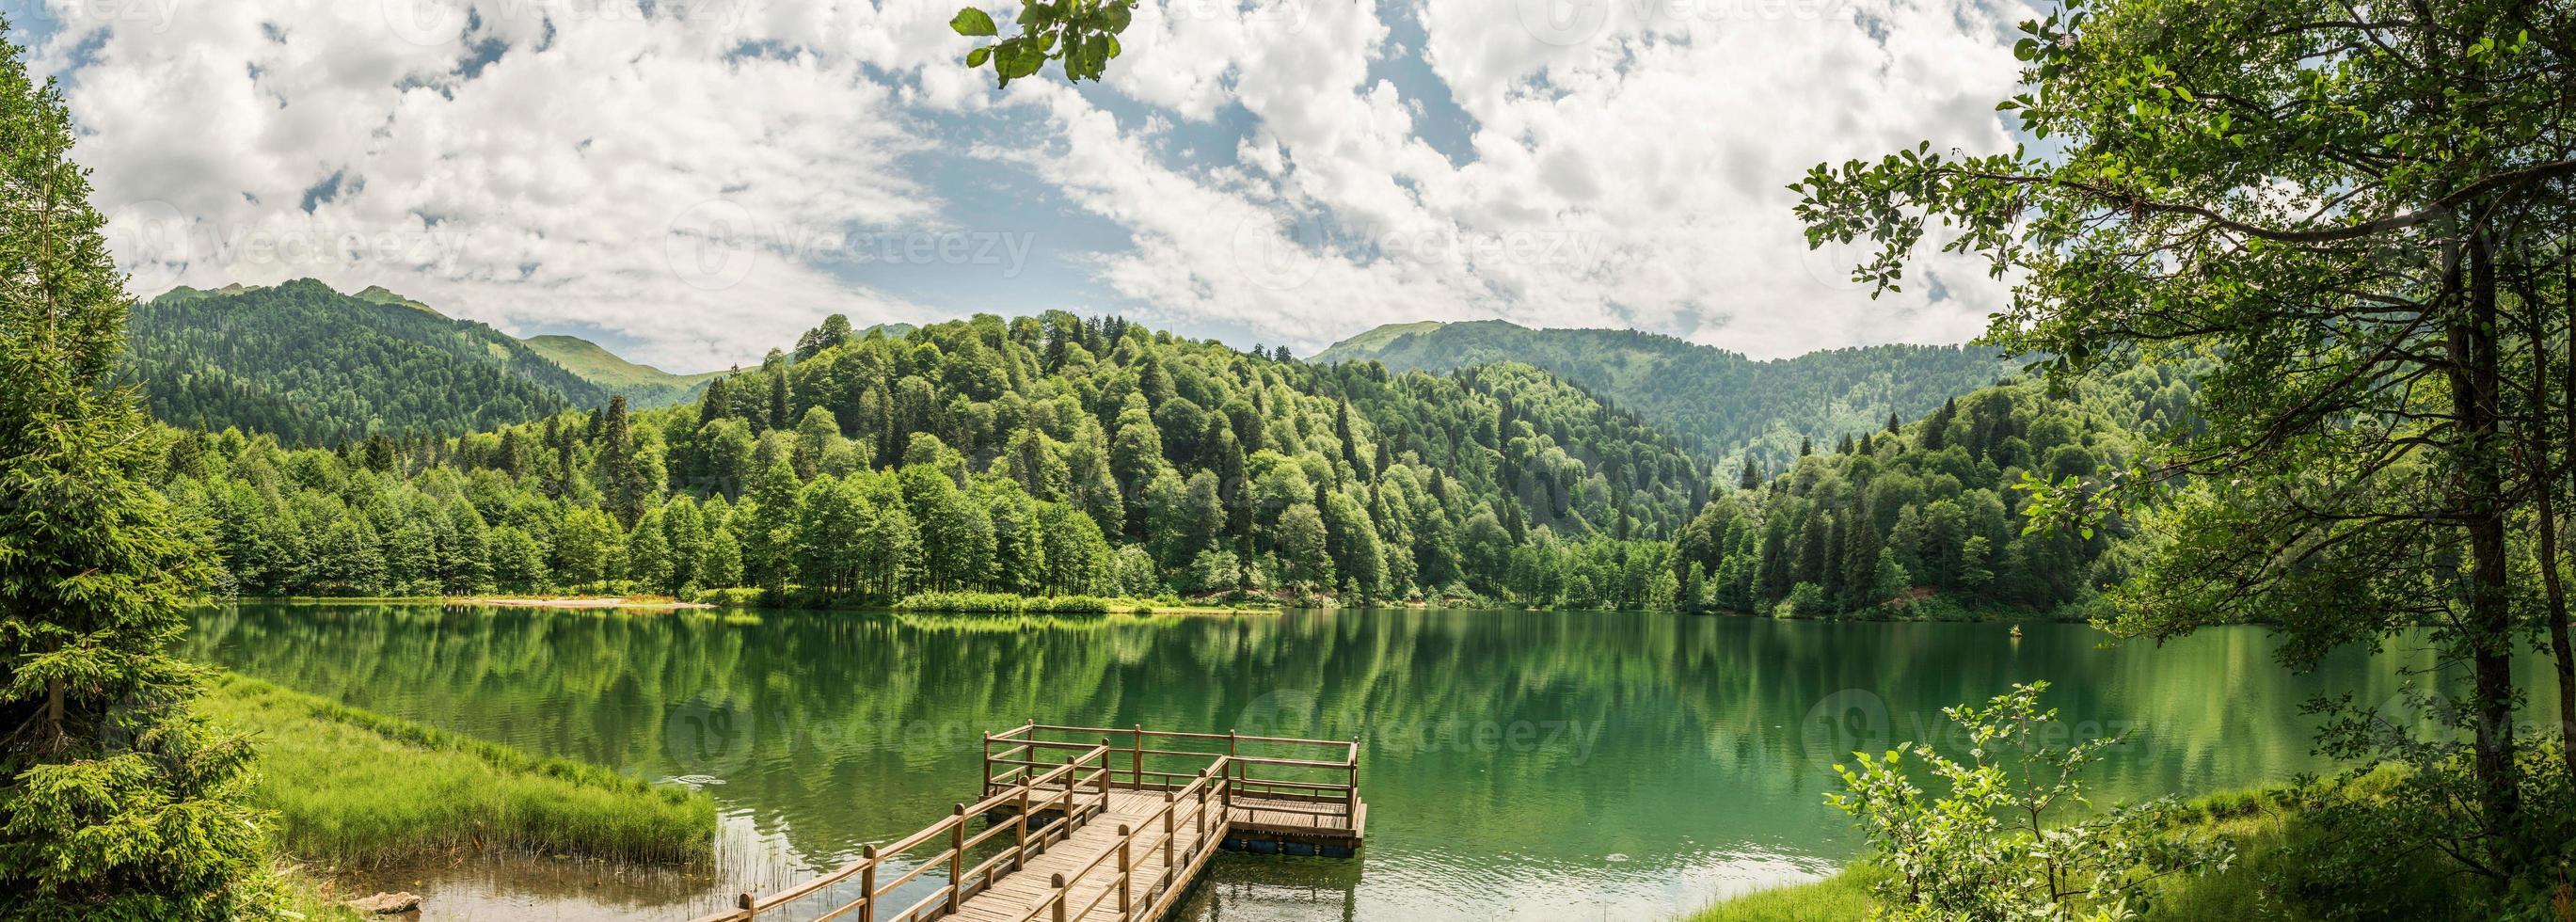 Beautiful lake and pier photo